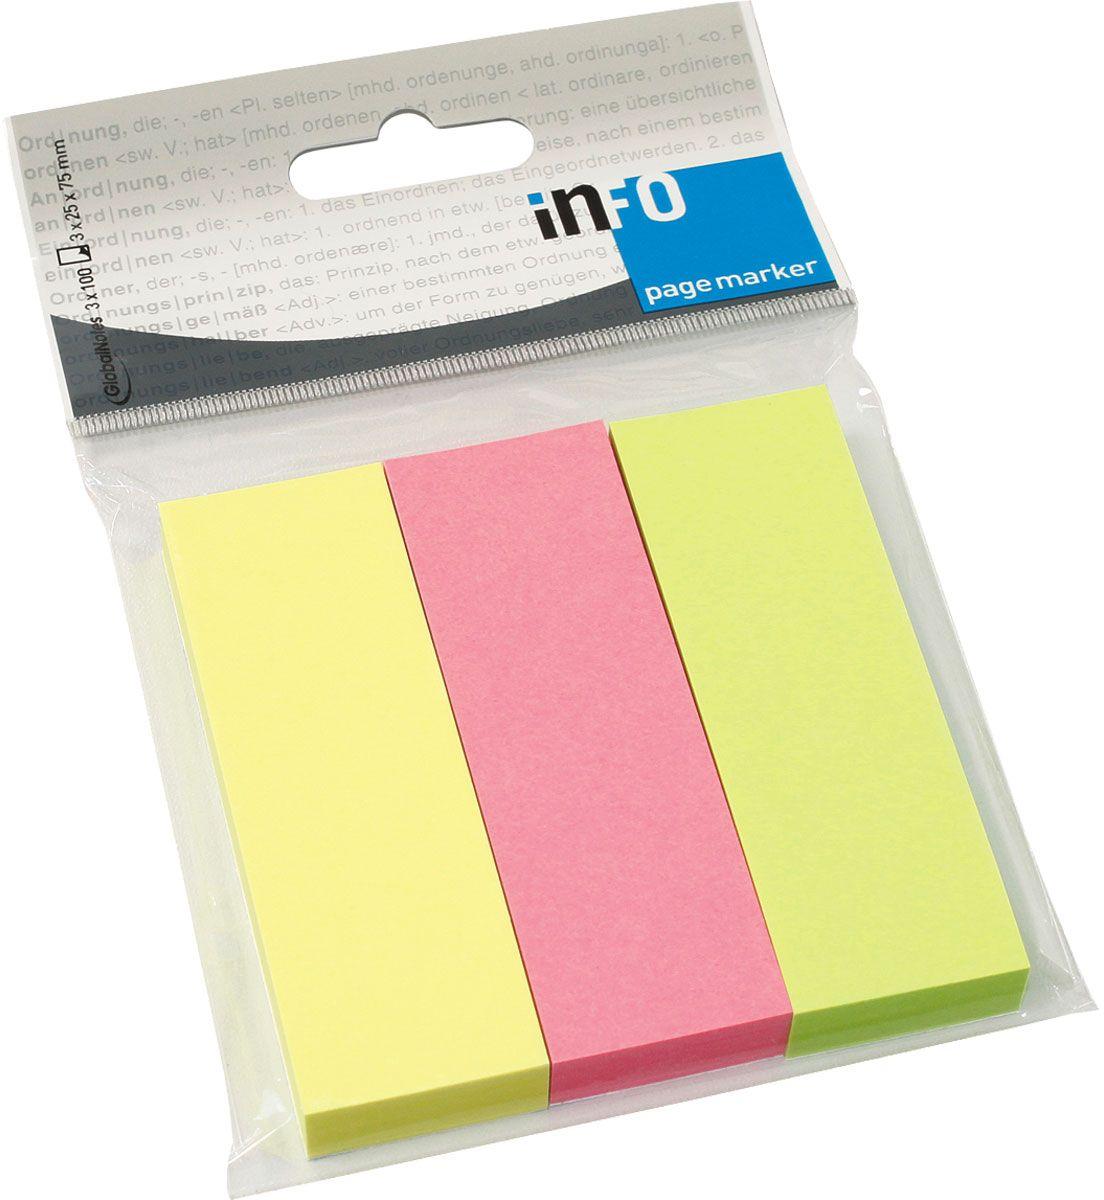 Global Notes Блок-закладка с липким слоем 300 листов2010440Бумажные закладки с липким слоем предназначены для наиболее эффективного выделения важной информации без повреждения книги или документа. Идеально подходят для быстрой и эффективной работы - просто выдели и найди. Размер 25х75 мм. 100 листов, 3 цветаТолщина бумаги 50 мкр.